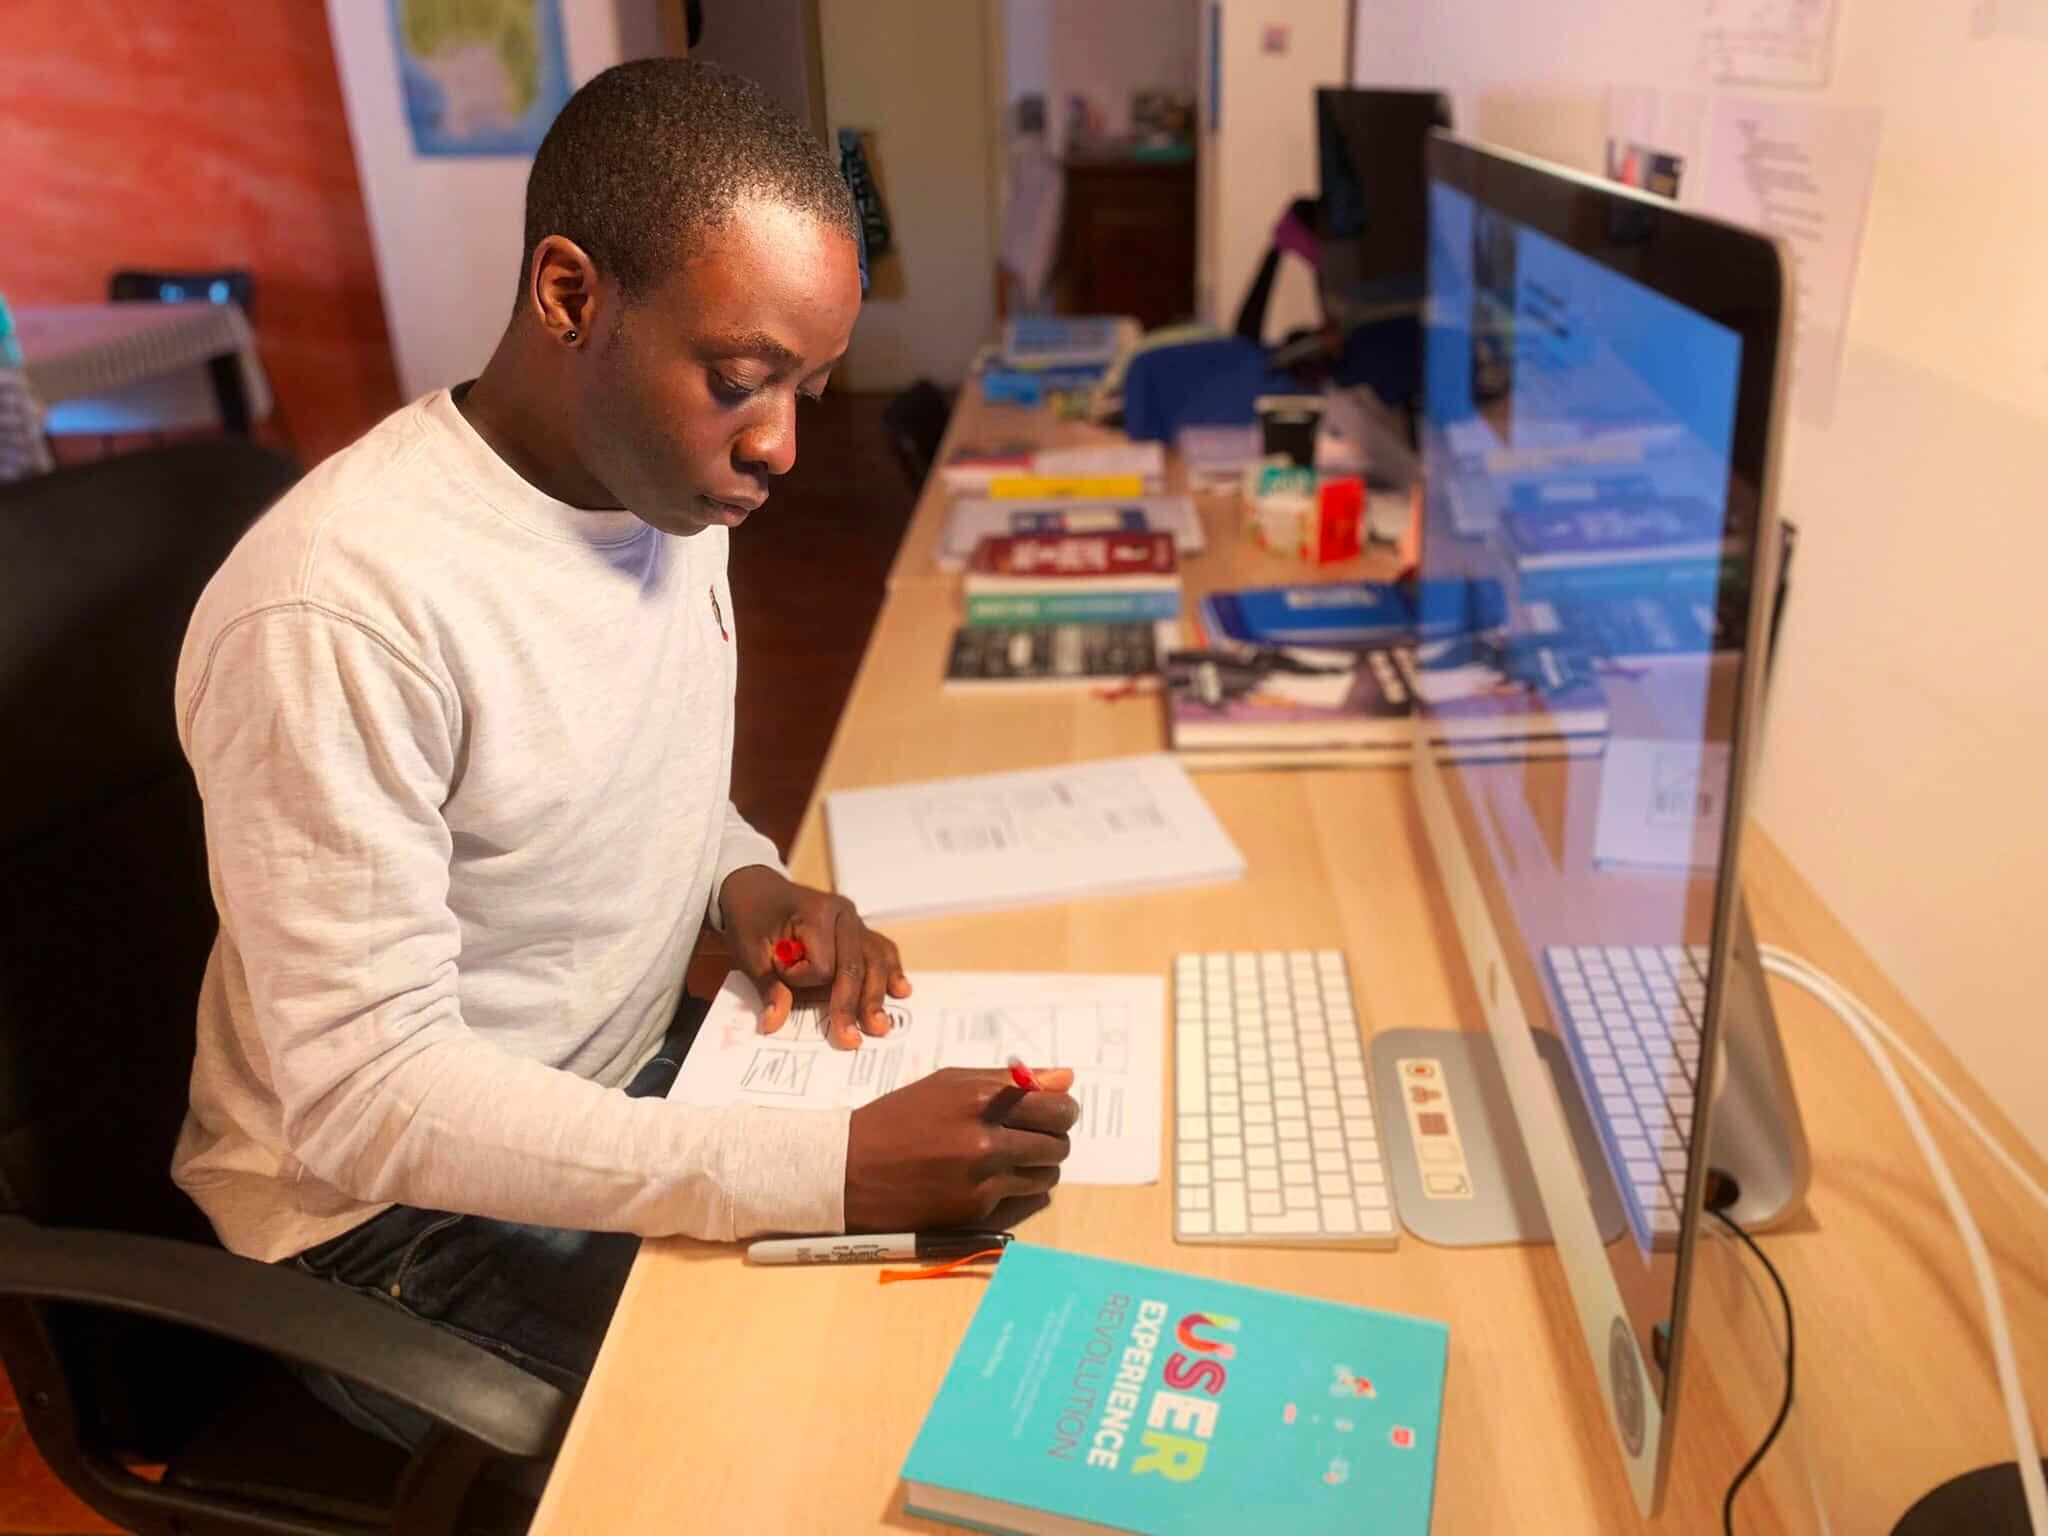 Jerome Kalumbu working at his home office in Milan